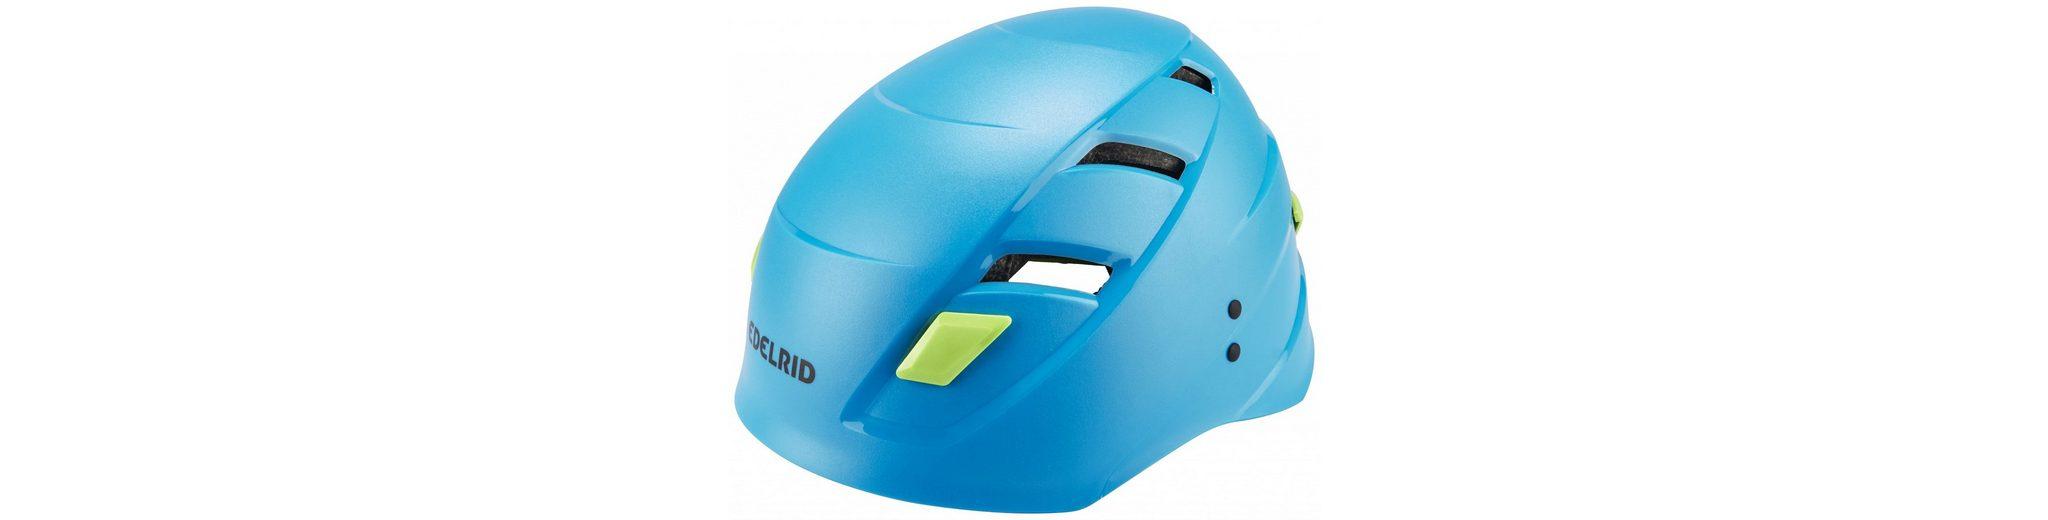 Edelrid Outdoor-Equipment »Zodiac Lite Helmet«